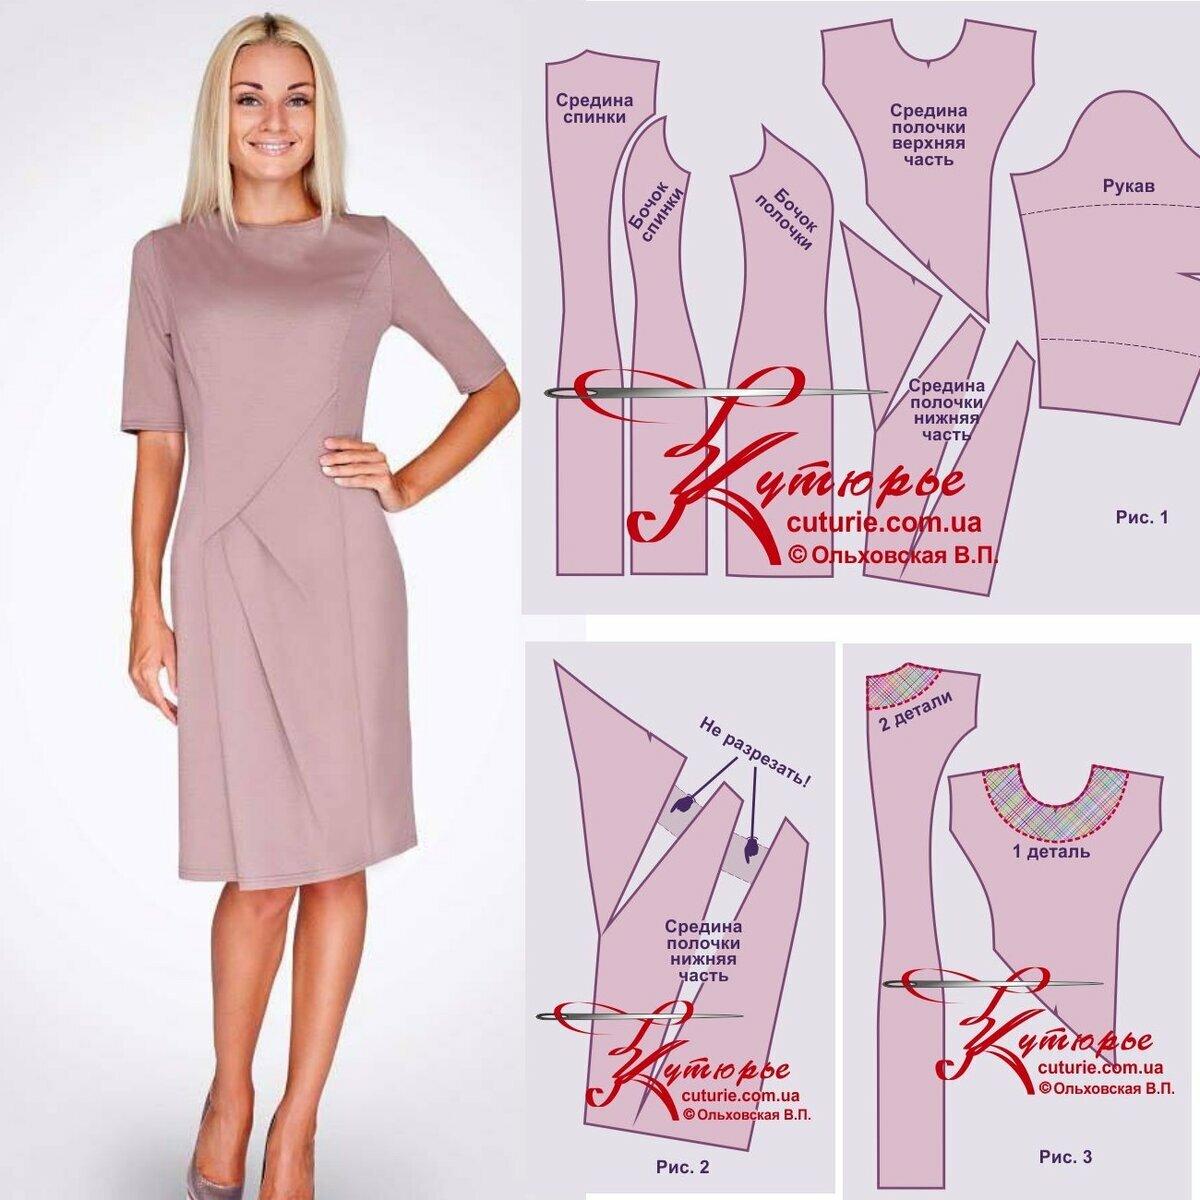 разных шитье платьев с картинками чревато